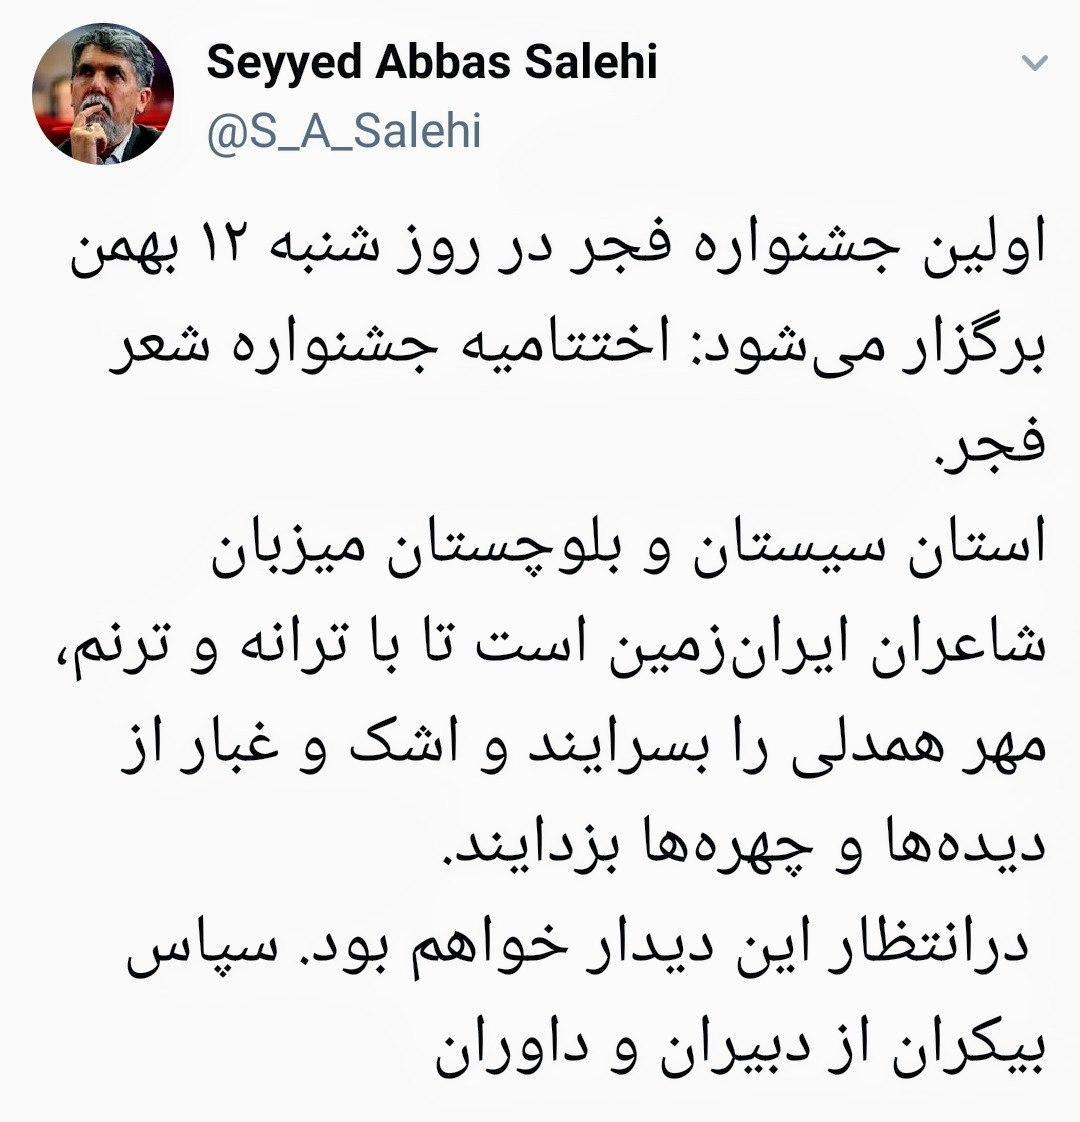 واکنش وزیر ارشاد به آغاز جشنواره فجر؛ در انتظار این دیدار خواهم بود